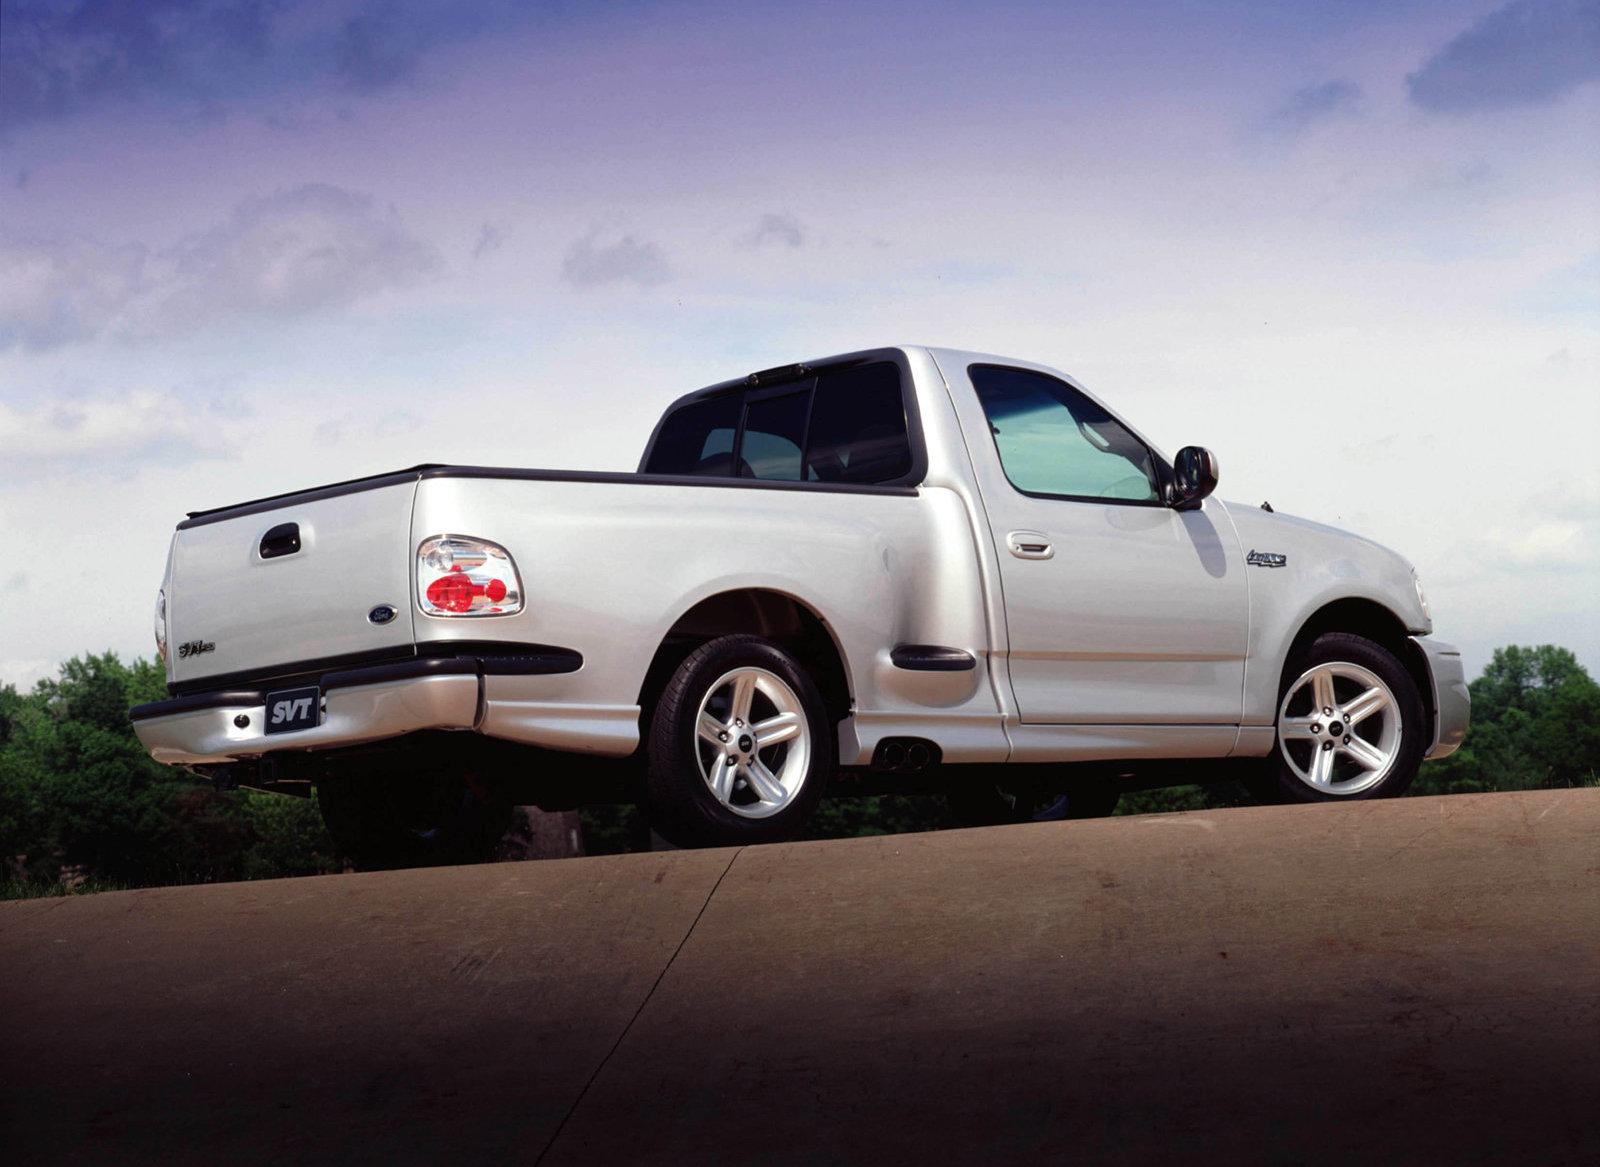 2004 Ford F150 SVT Lightning  rear 3/4